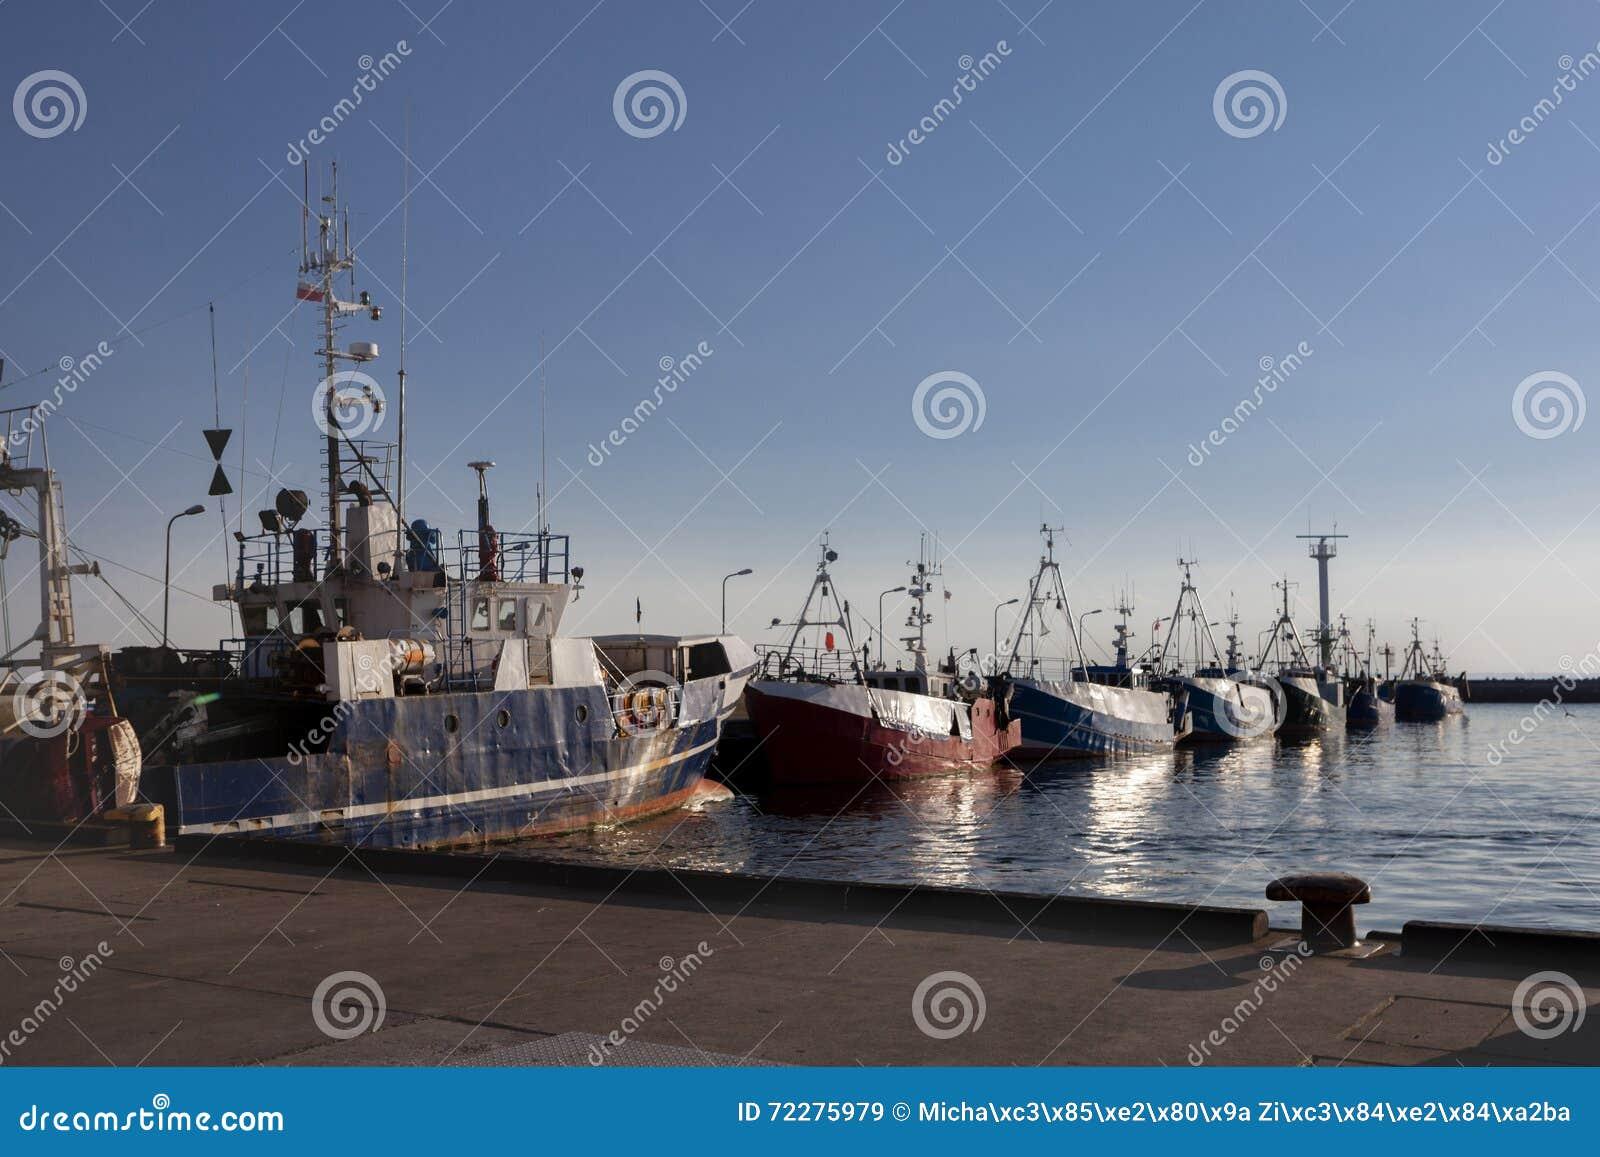 Download Открытка от гавани, поставленных на якорь кораблей, моря во время захода солнца Стоковое Изображение - изображение насчитывающей landmark, открытка: 72275979